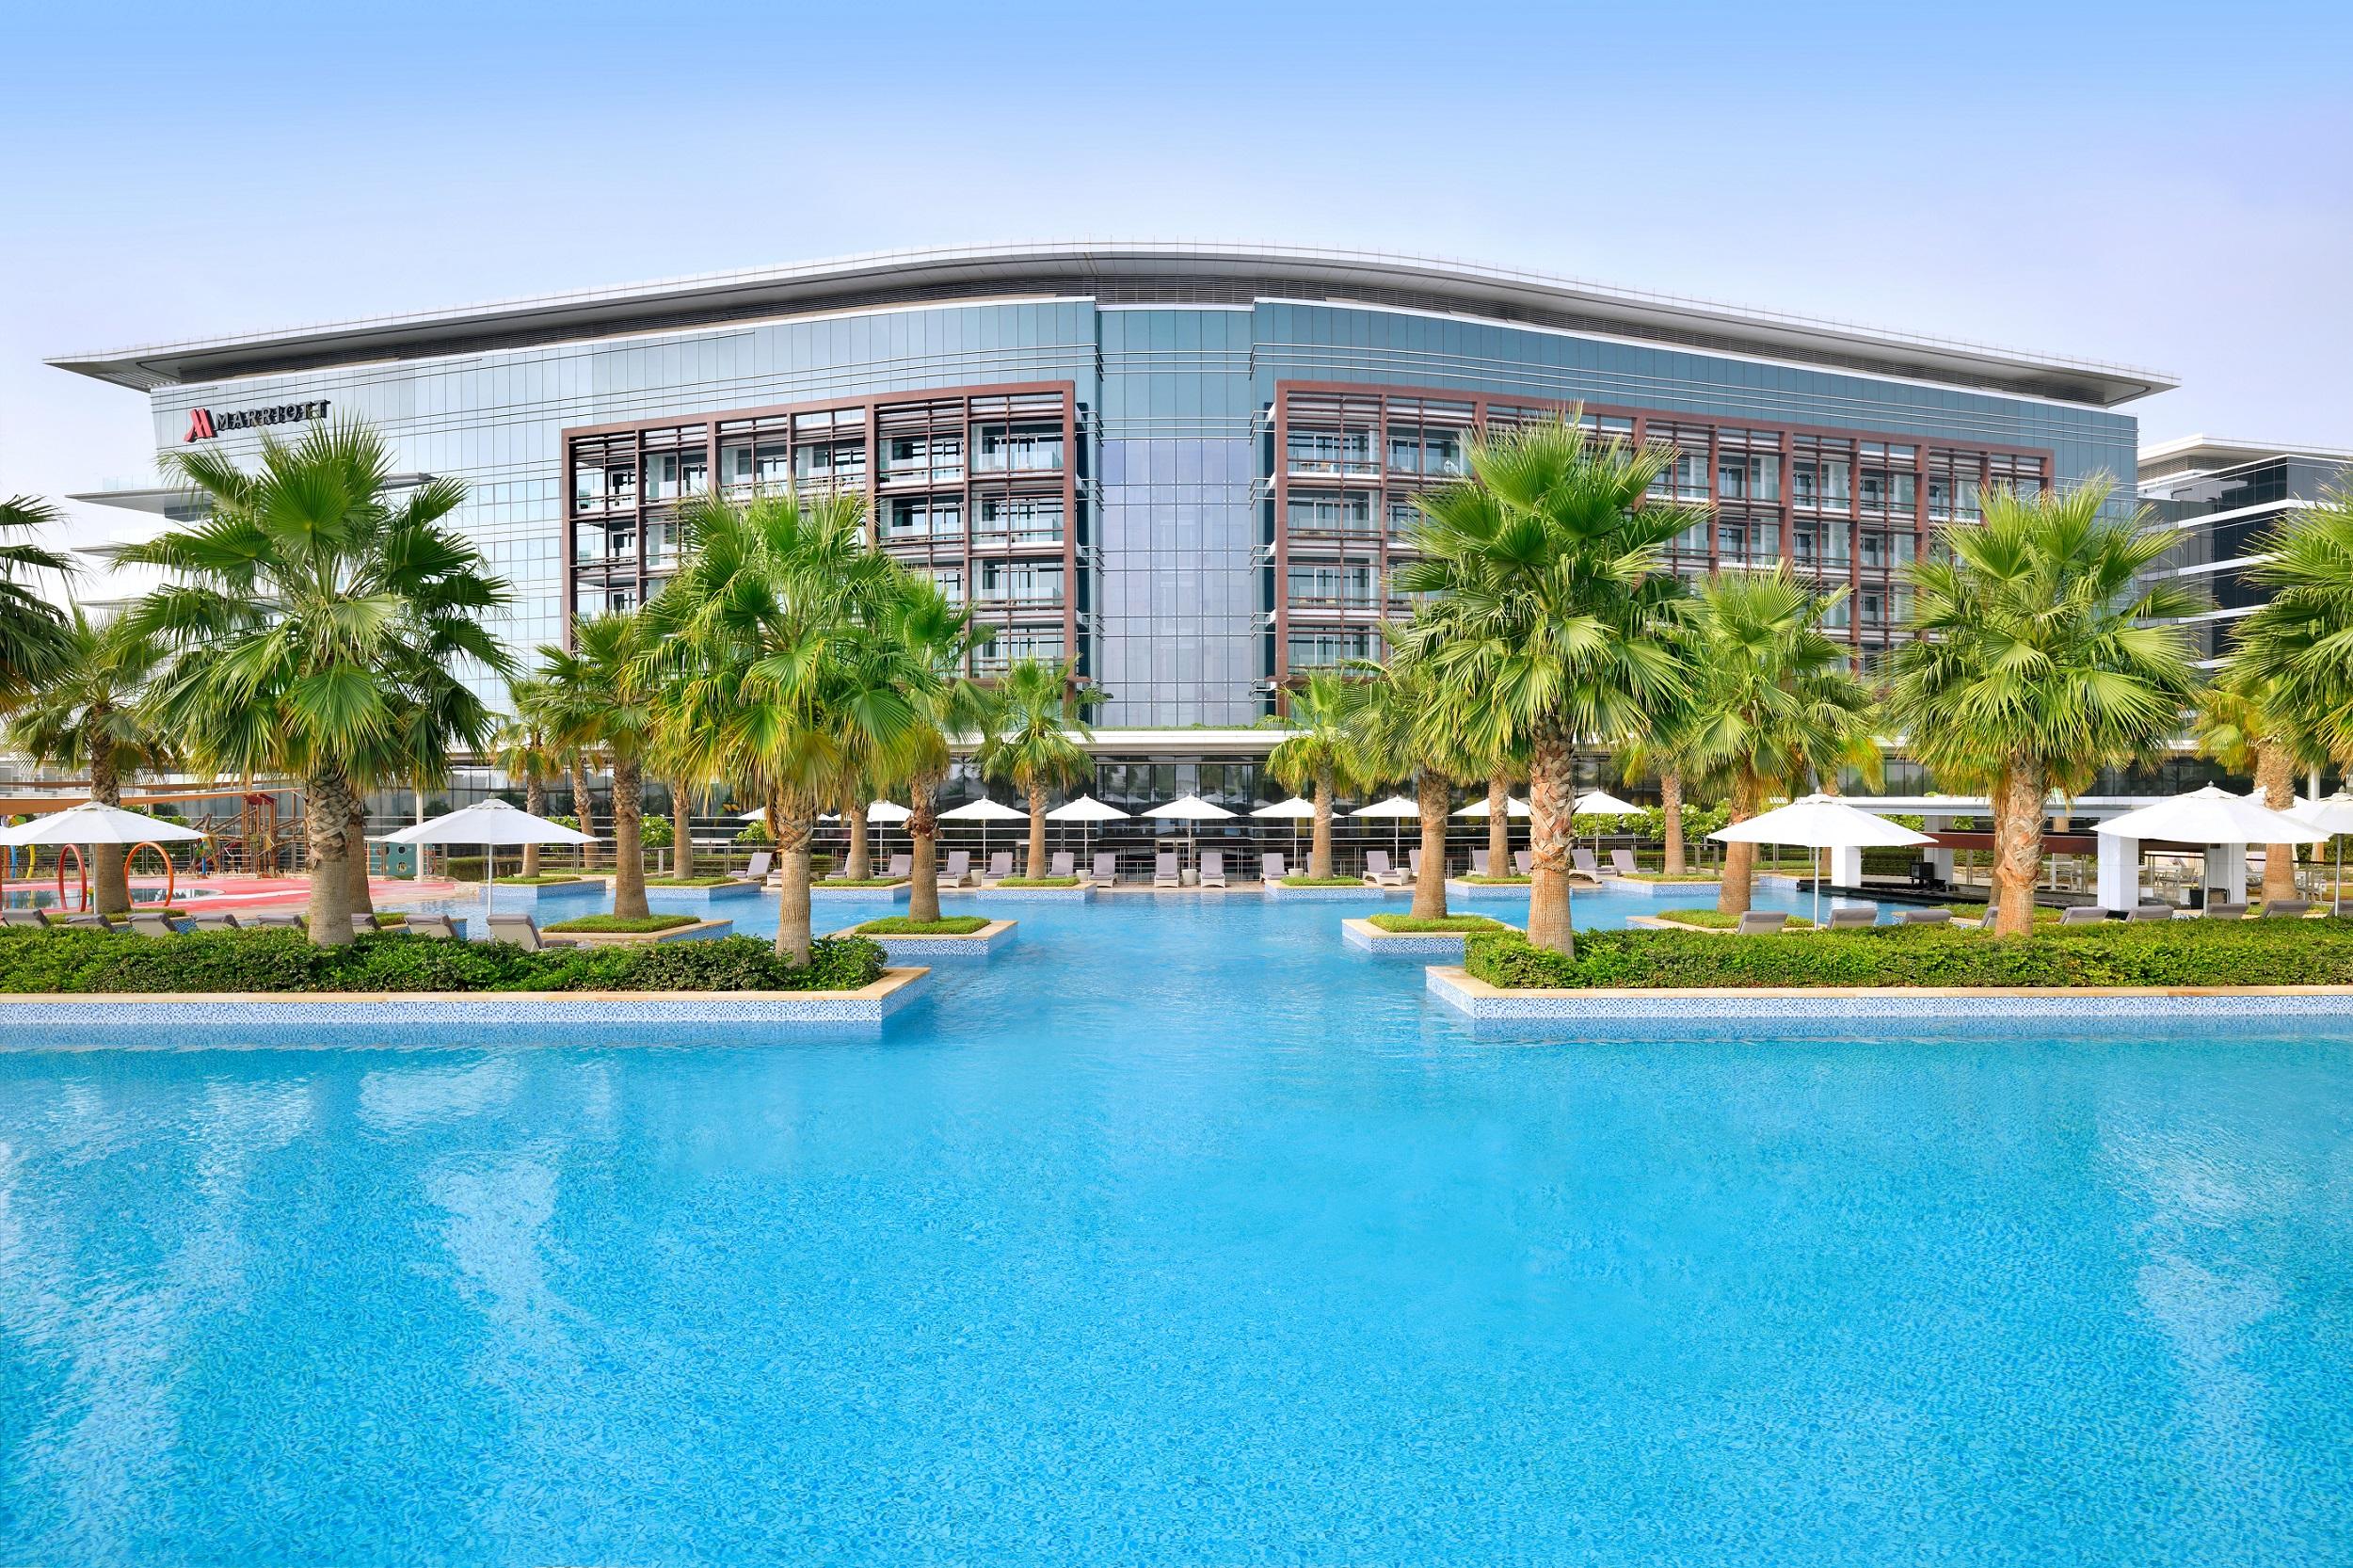 Marriott Al Forsan Eid al-Adha deals